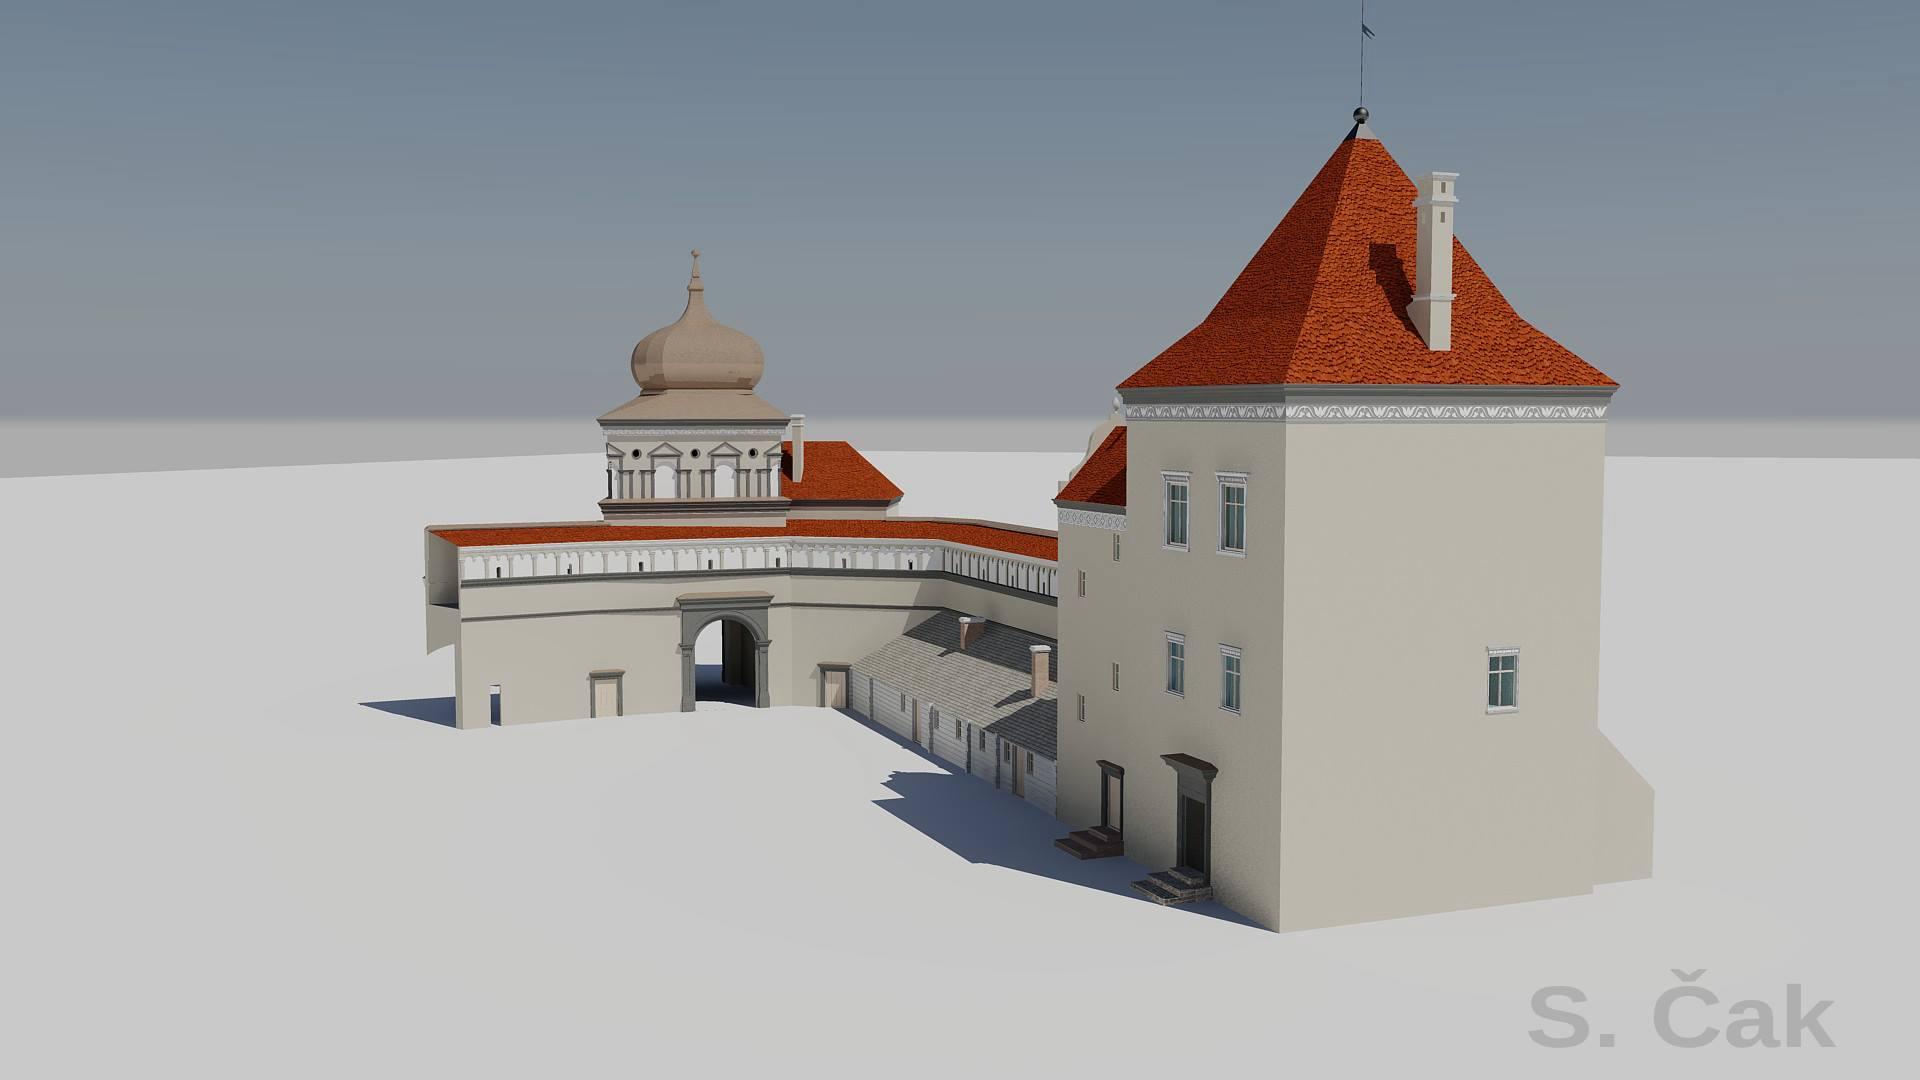 Московский исследователь показал, как могли выглядеть объекты на Старом замке, которые собираются восстанавливать